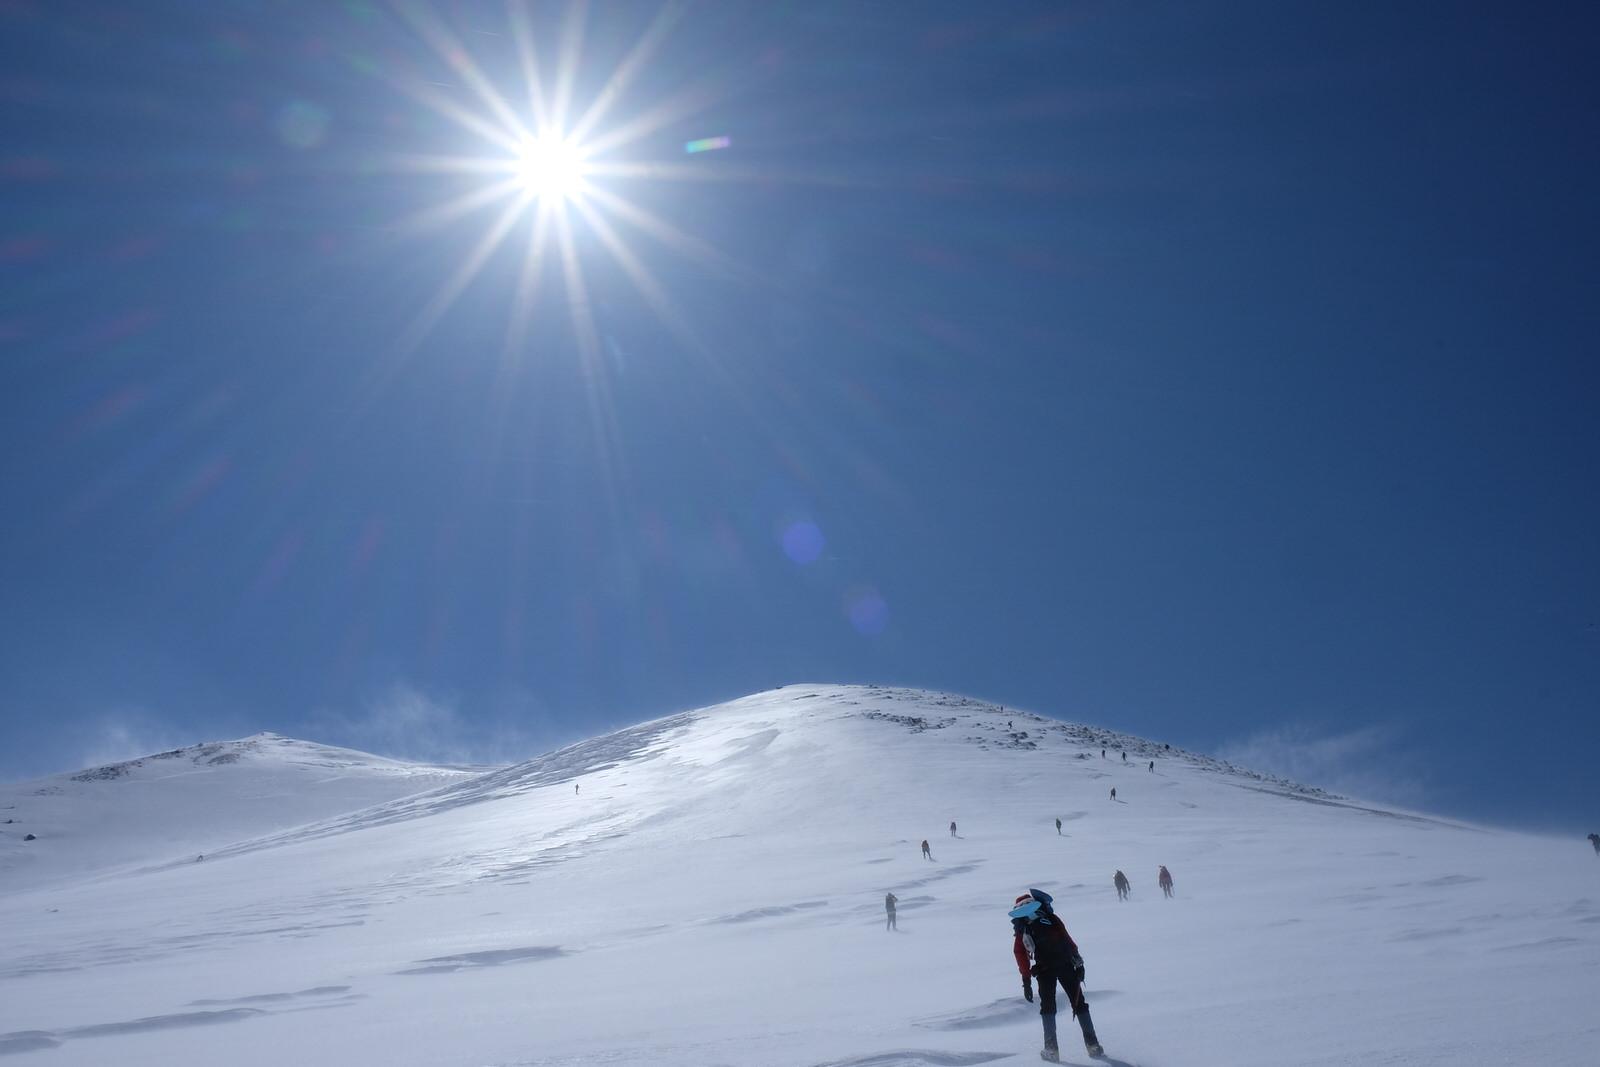 【雪山登山】ピッケル入門にオススメしたい雪山7選